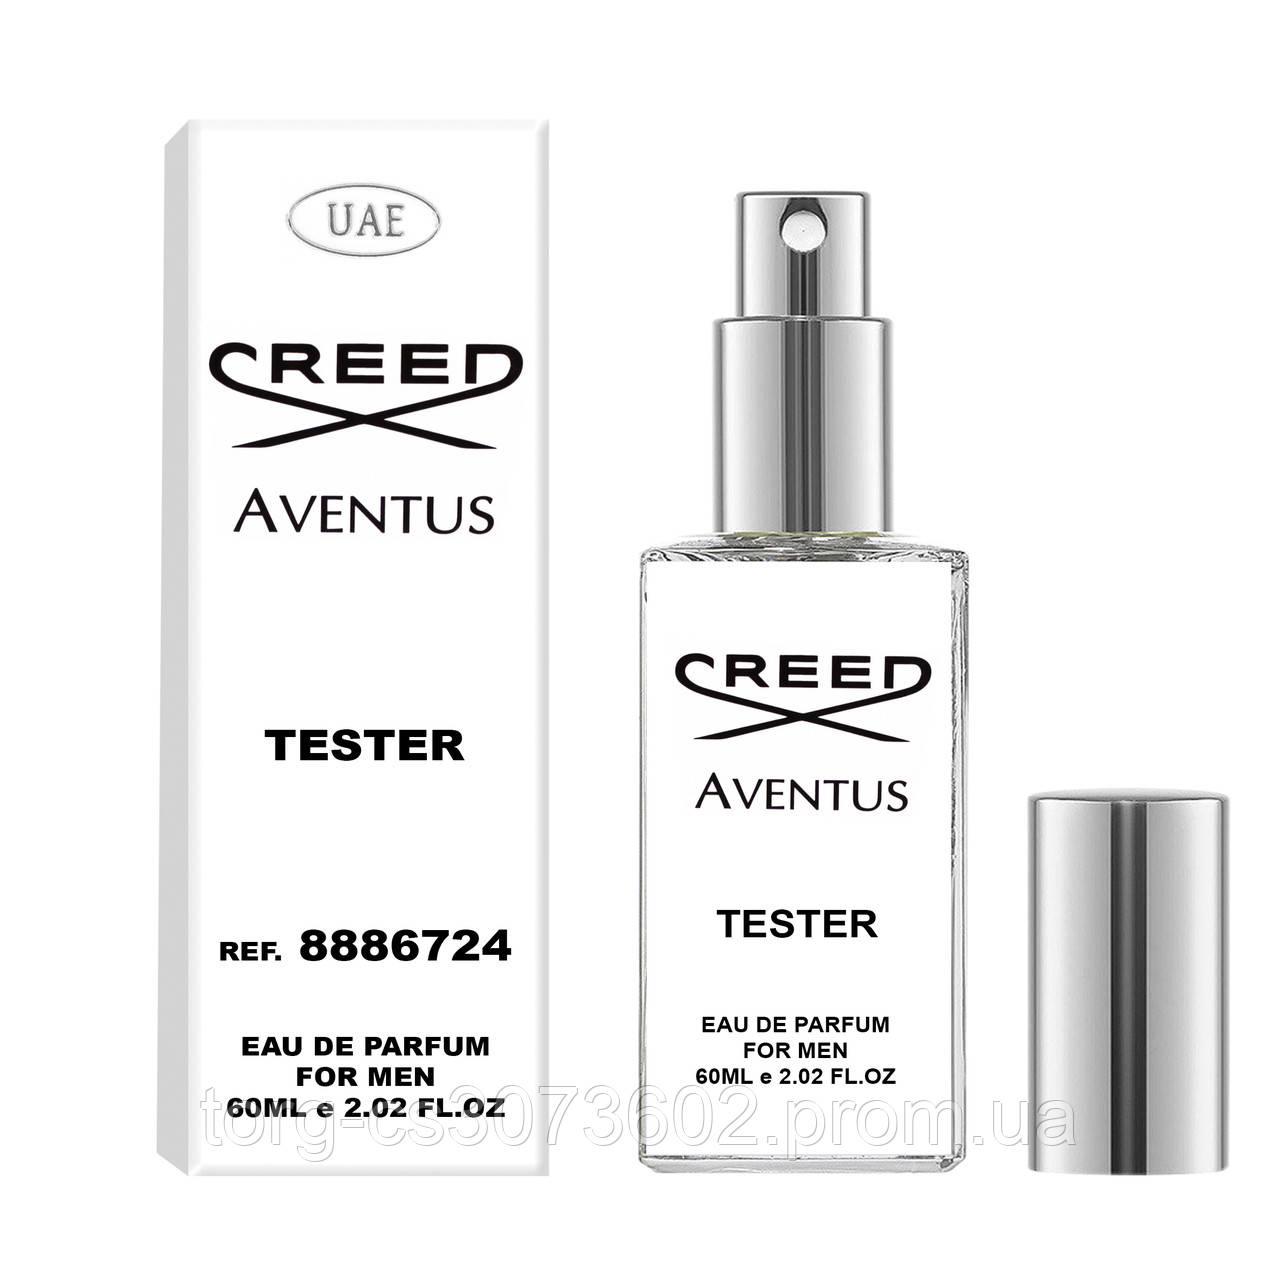 Тестер мужской UAE Creed Aventus, 60 мл.